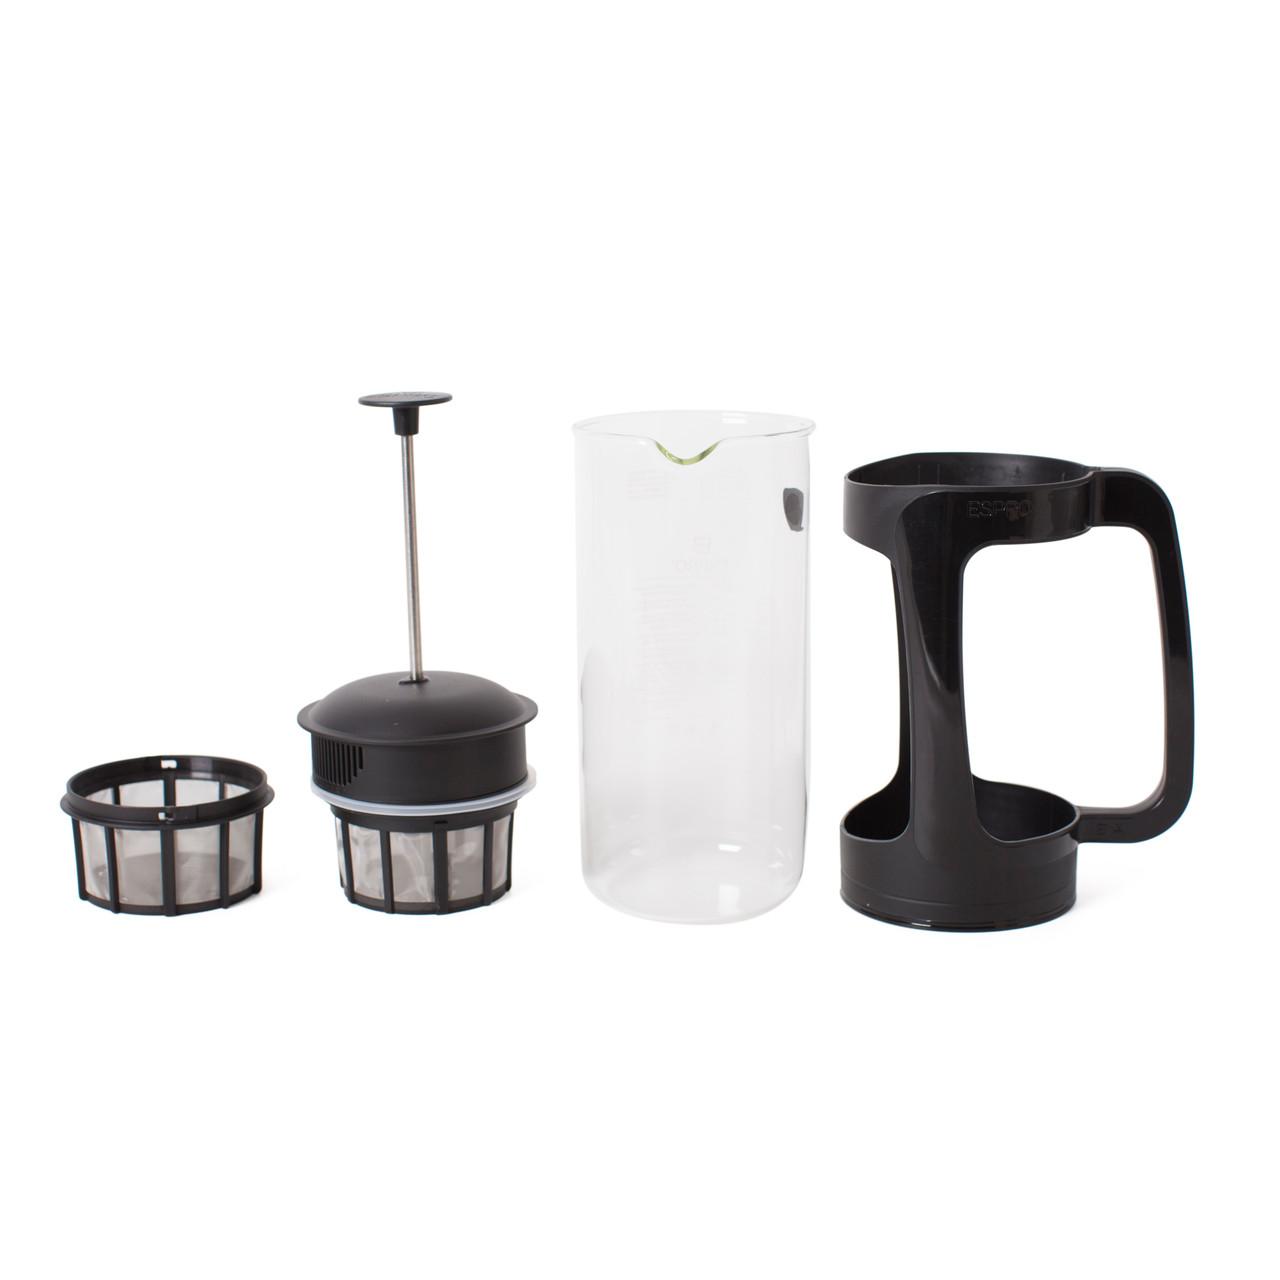 environ 907.17 g Espro 1432C-BK Coffee Press P3 verre et plastique noir 32 oz